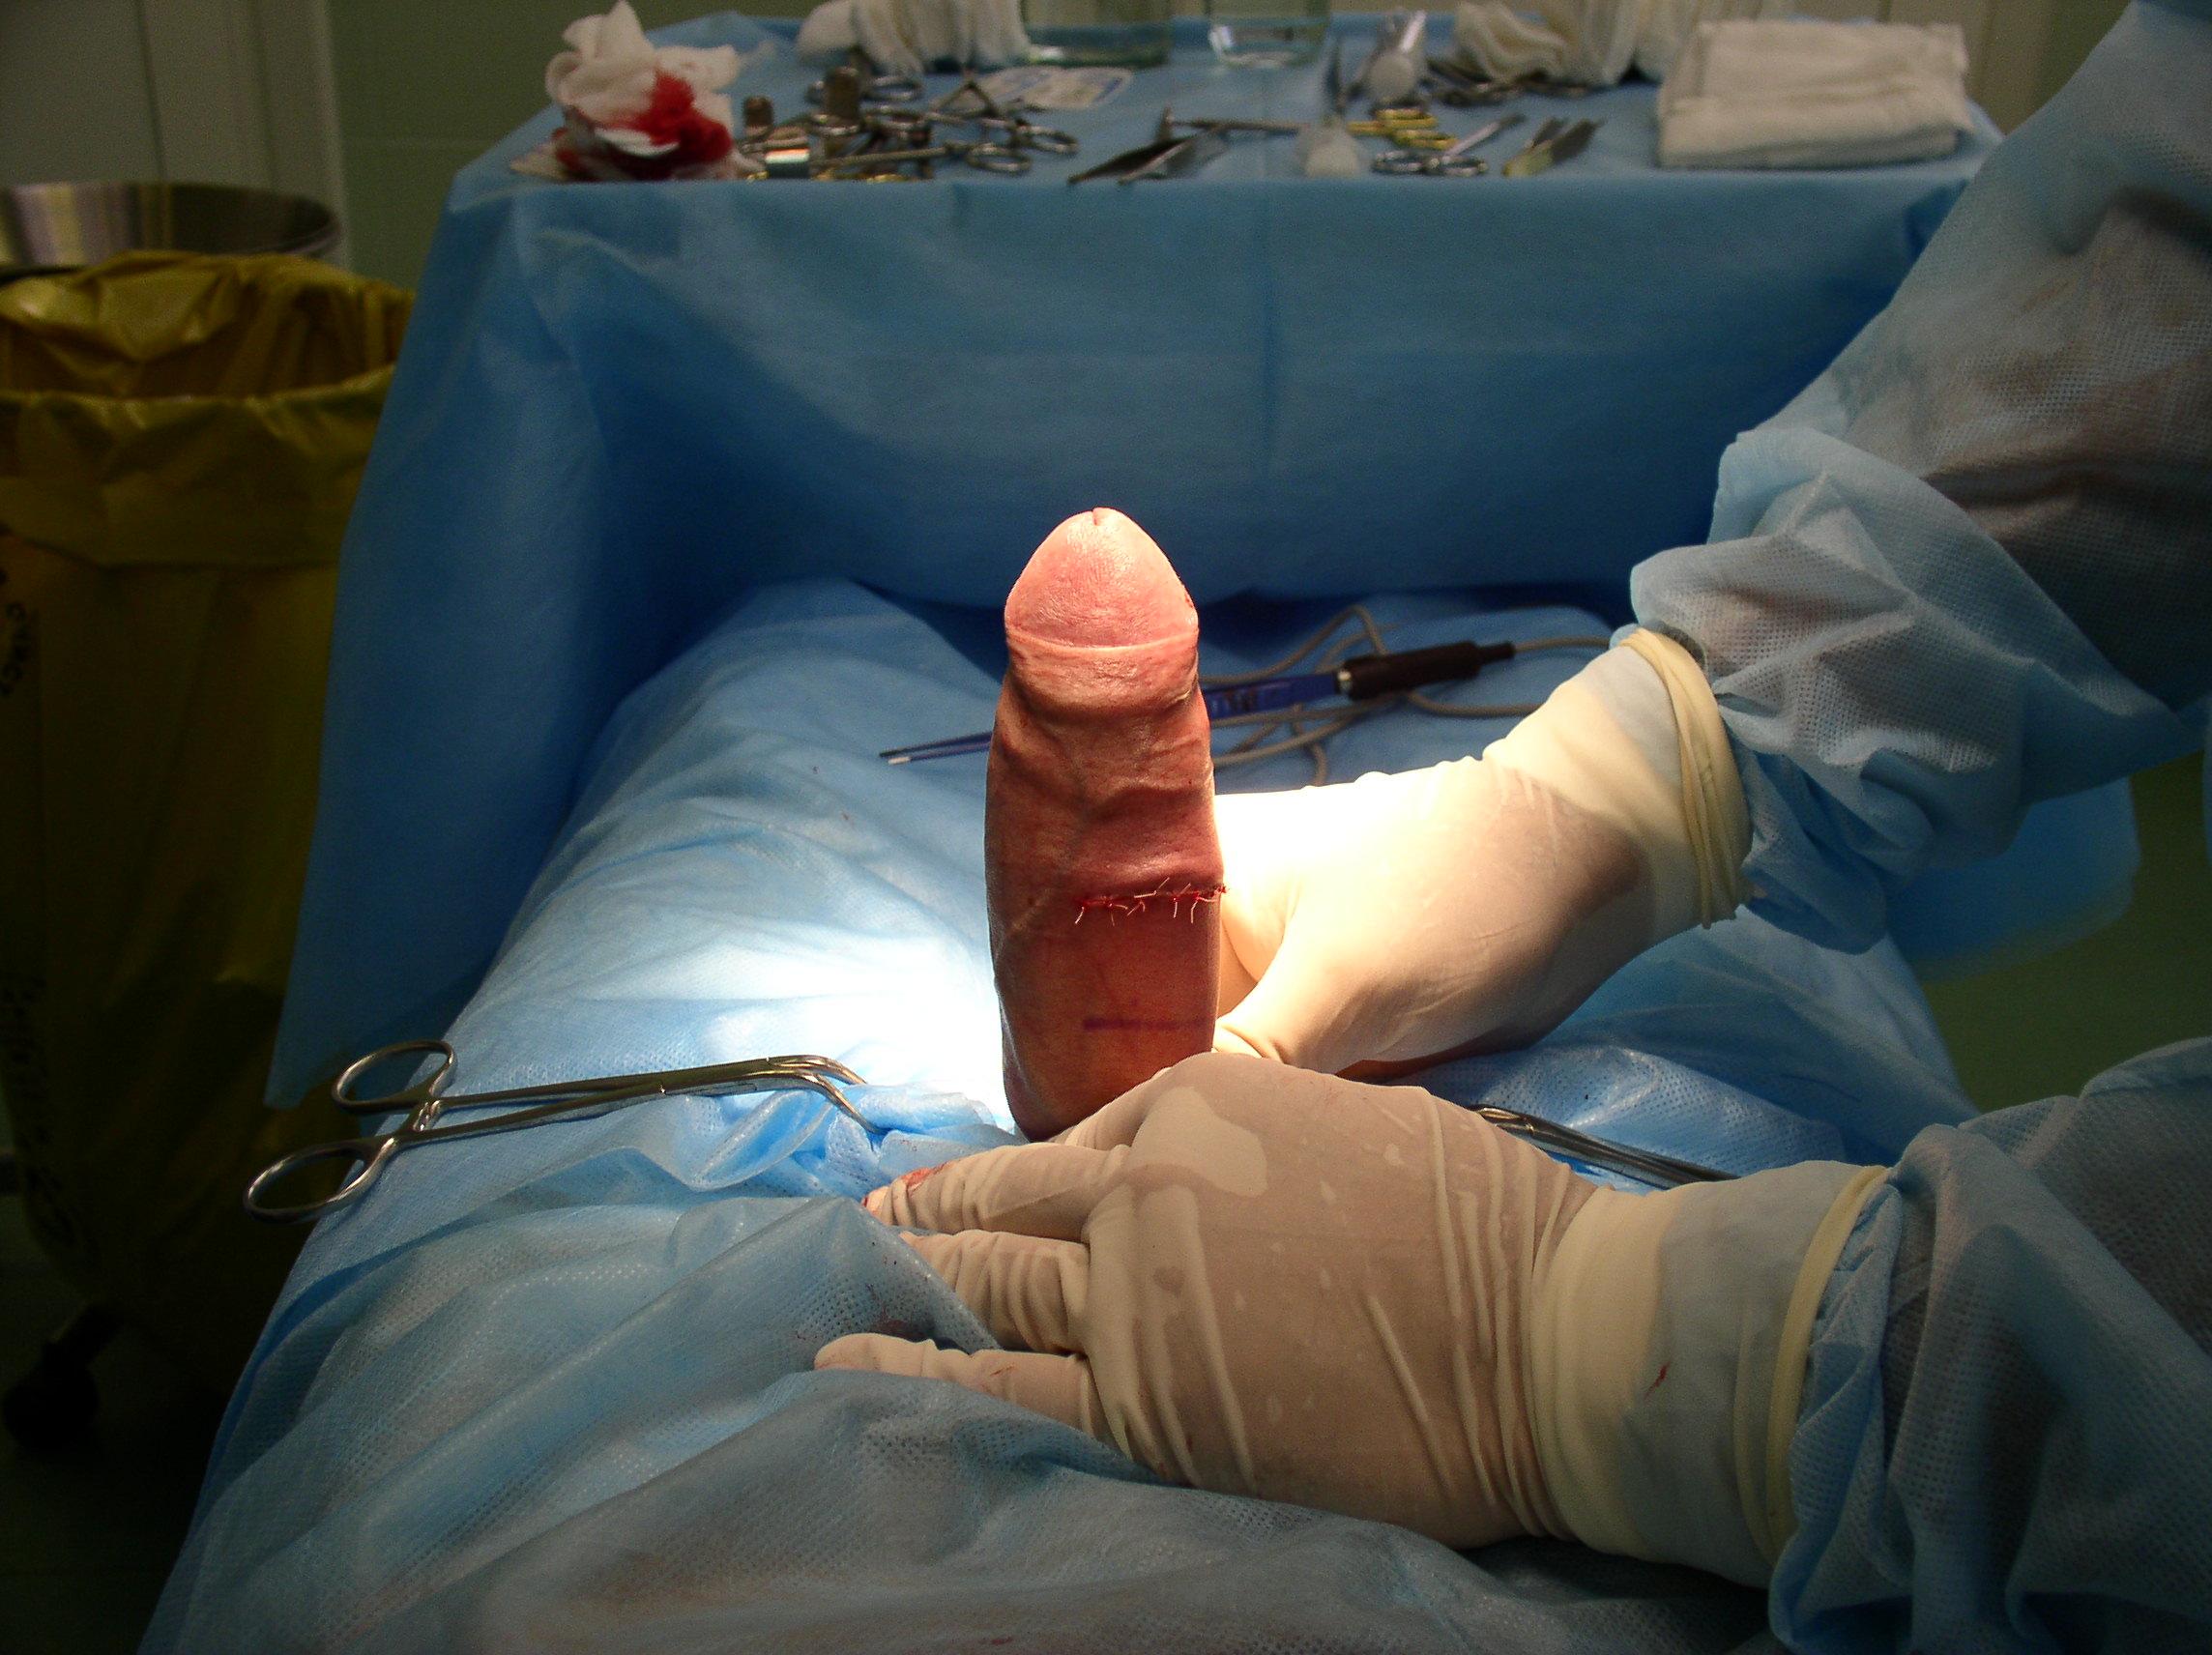 Продольное разрезание пениса, Жесть широко раскрытая головка пениса Блог о письке 18 фотография